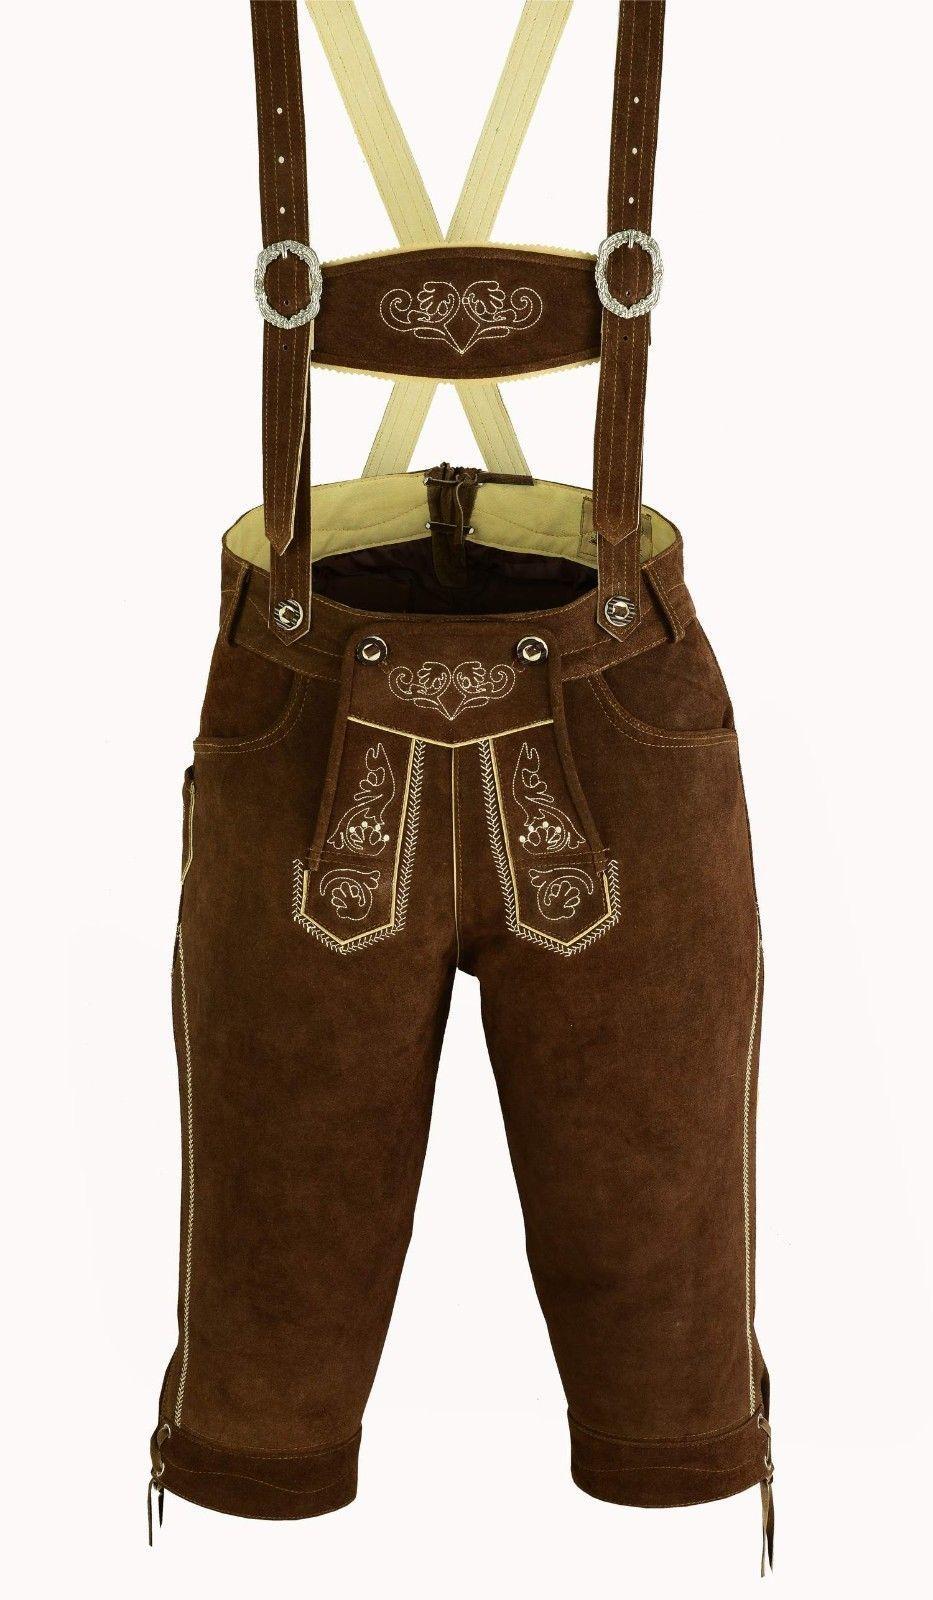 FREE bavarian shirt! Shop at: Lederhosenstore.com  Authentic lederhosen for men….